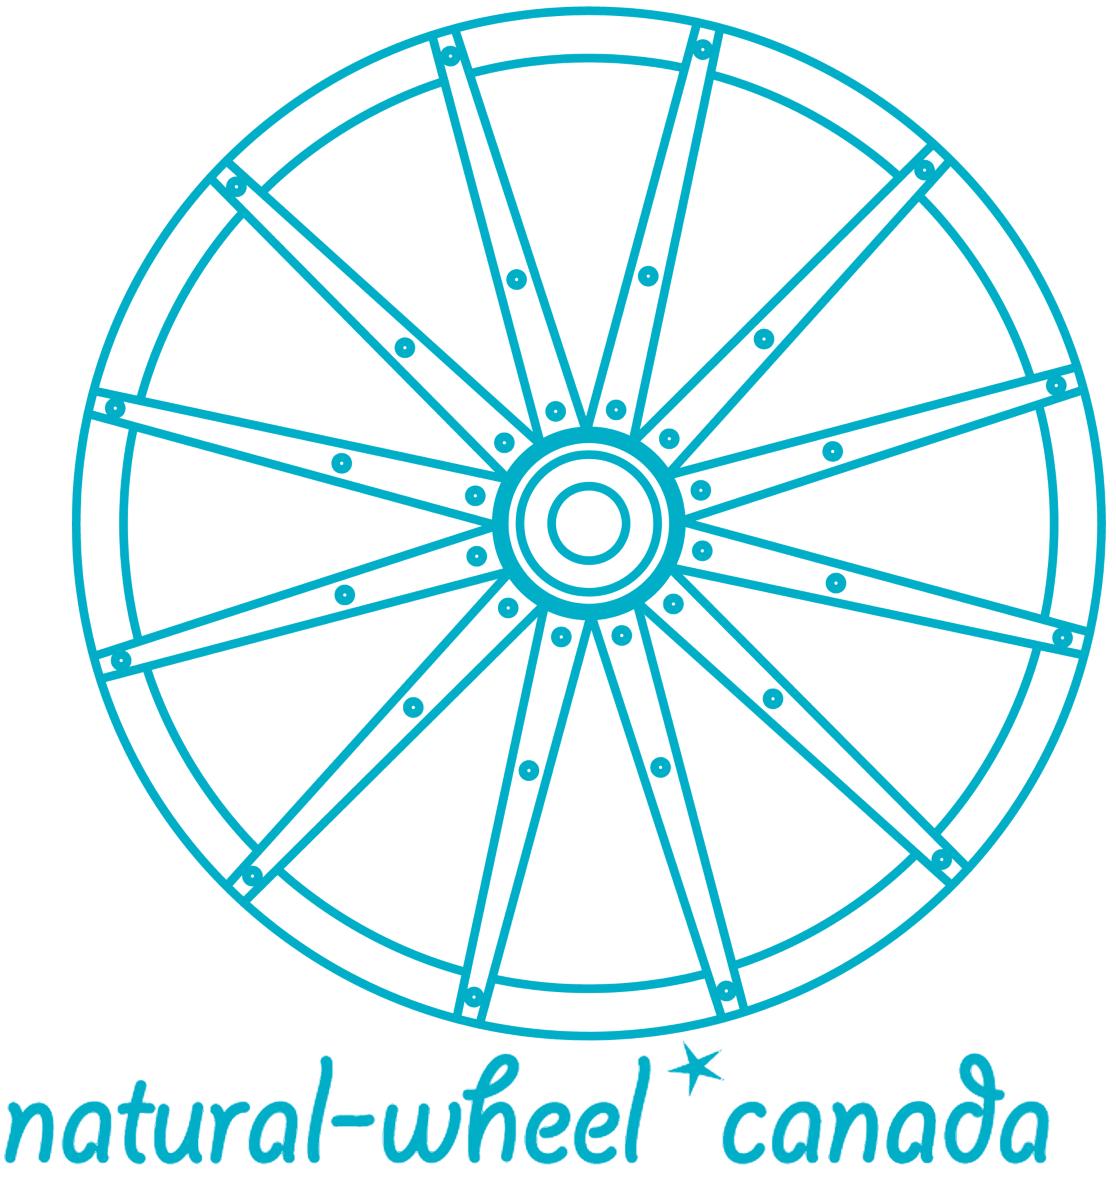 Natural-Wheel